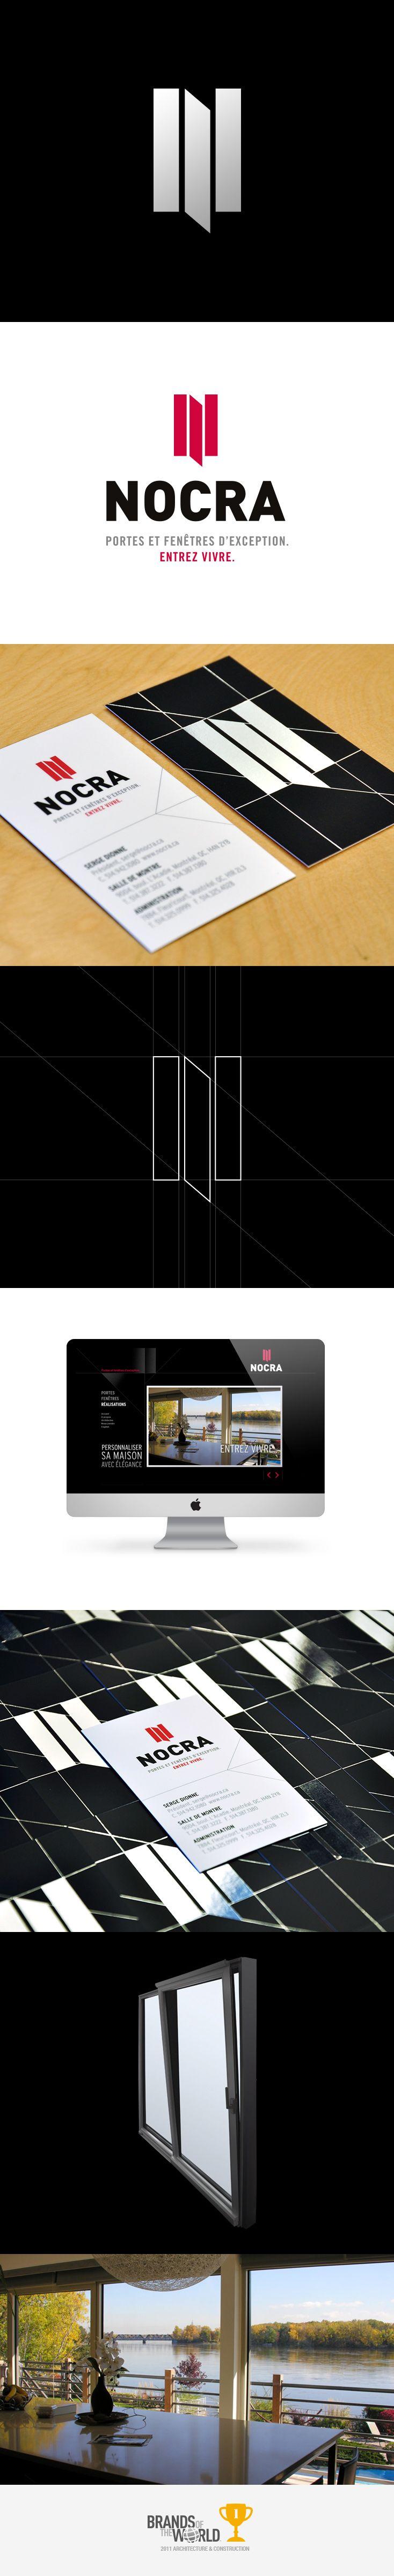 Branding de Nocra - création de Kryzalid.net. Gagnant de la catégorie Architecture et immobilier 2011 : www.brandsoftheworld.com/awards/2011-winners